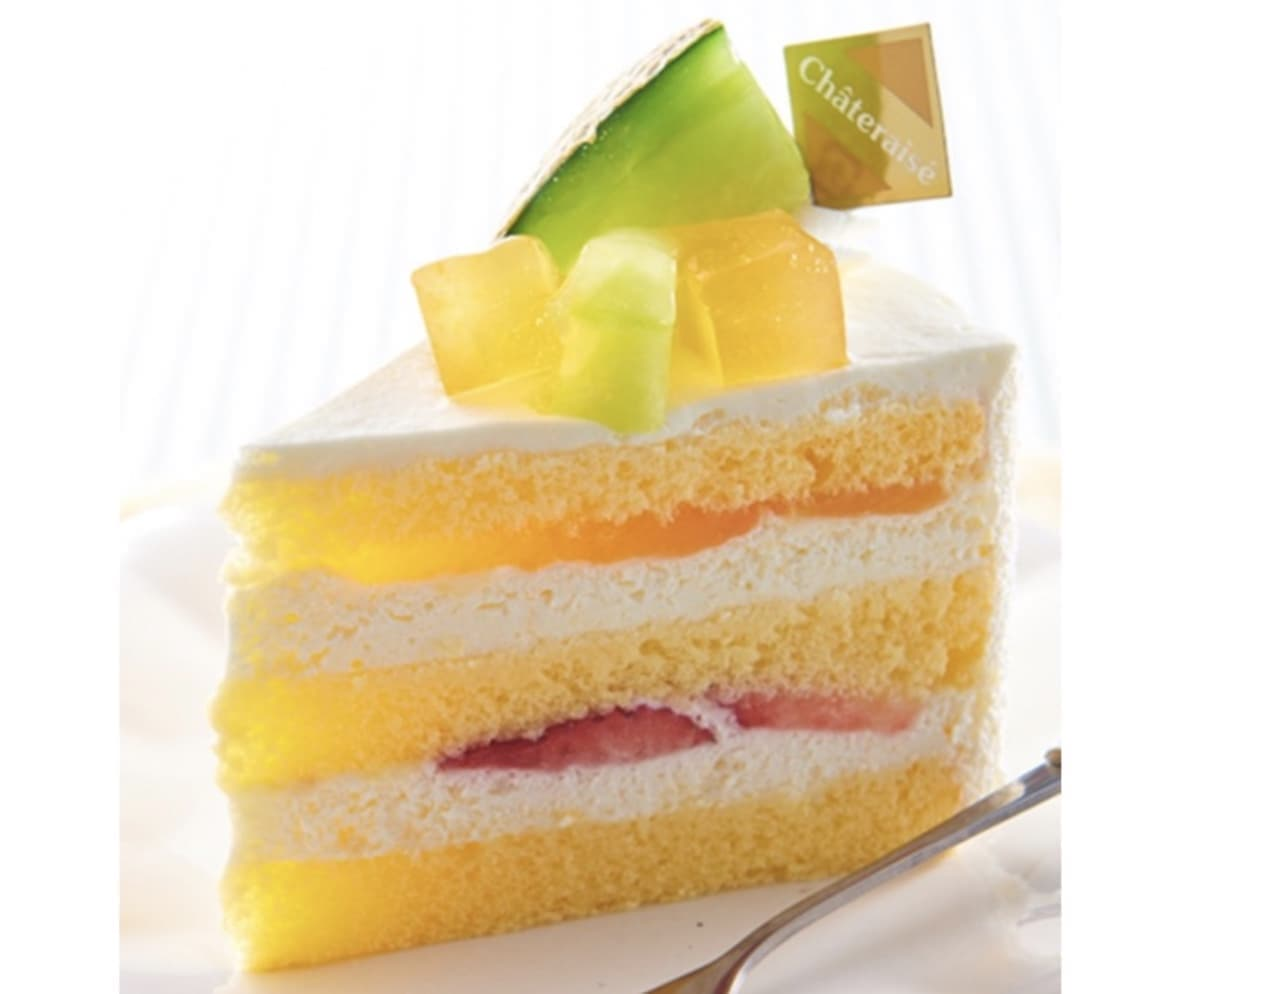 シャトレーゼ「アンデスメロンのプレミアム純生クリームショートケーキ」